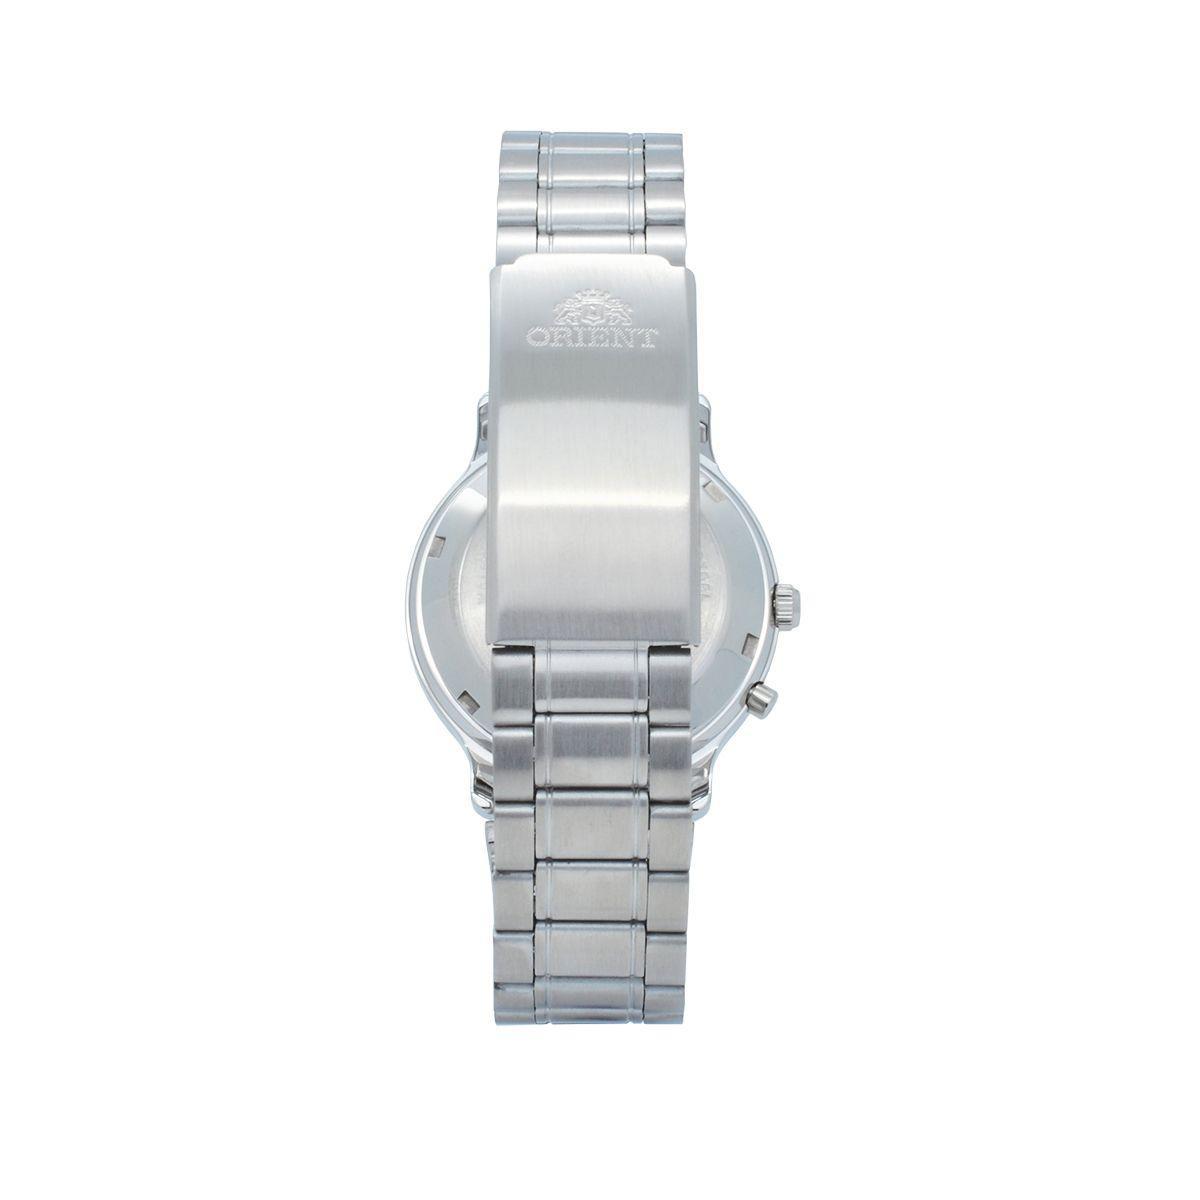 828c02c44fd Relógio de Pulso Orient Automático Clássico 469WA1A E1SX - Prata R  620